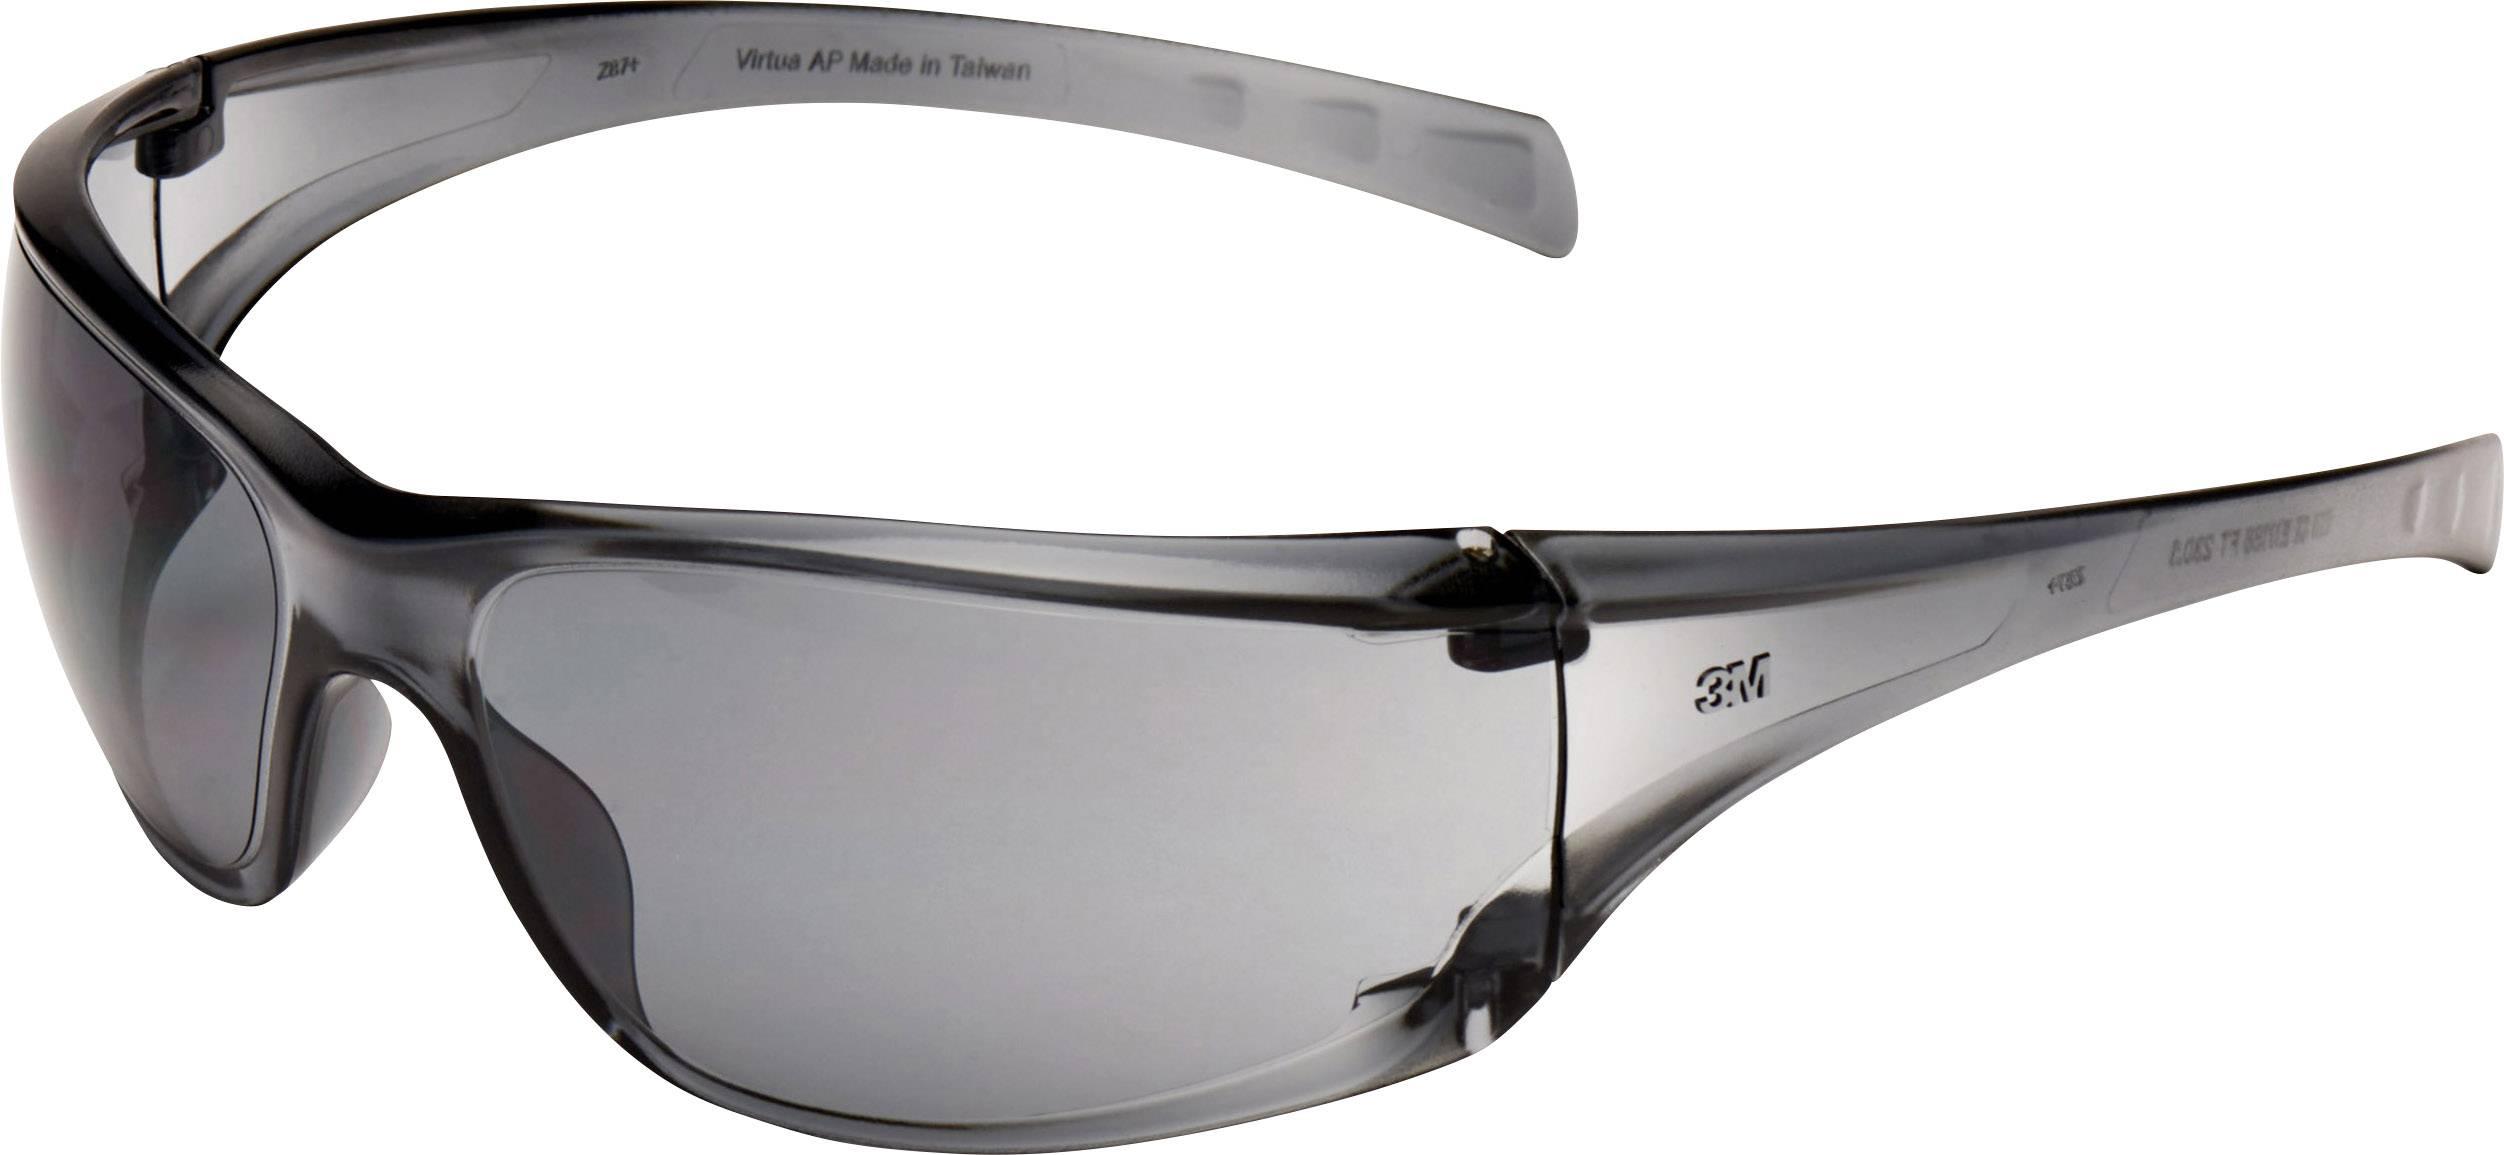 Favoriete 3M 7100010682 Veiligheidsbril Virtua Grijs Polycarbonaat glazen IX63